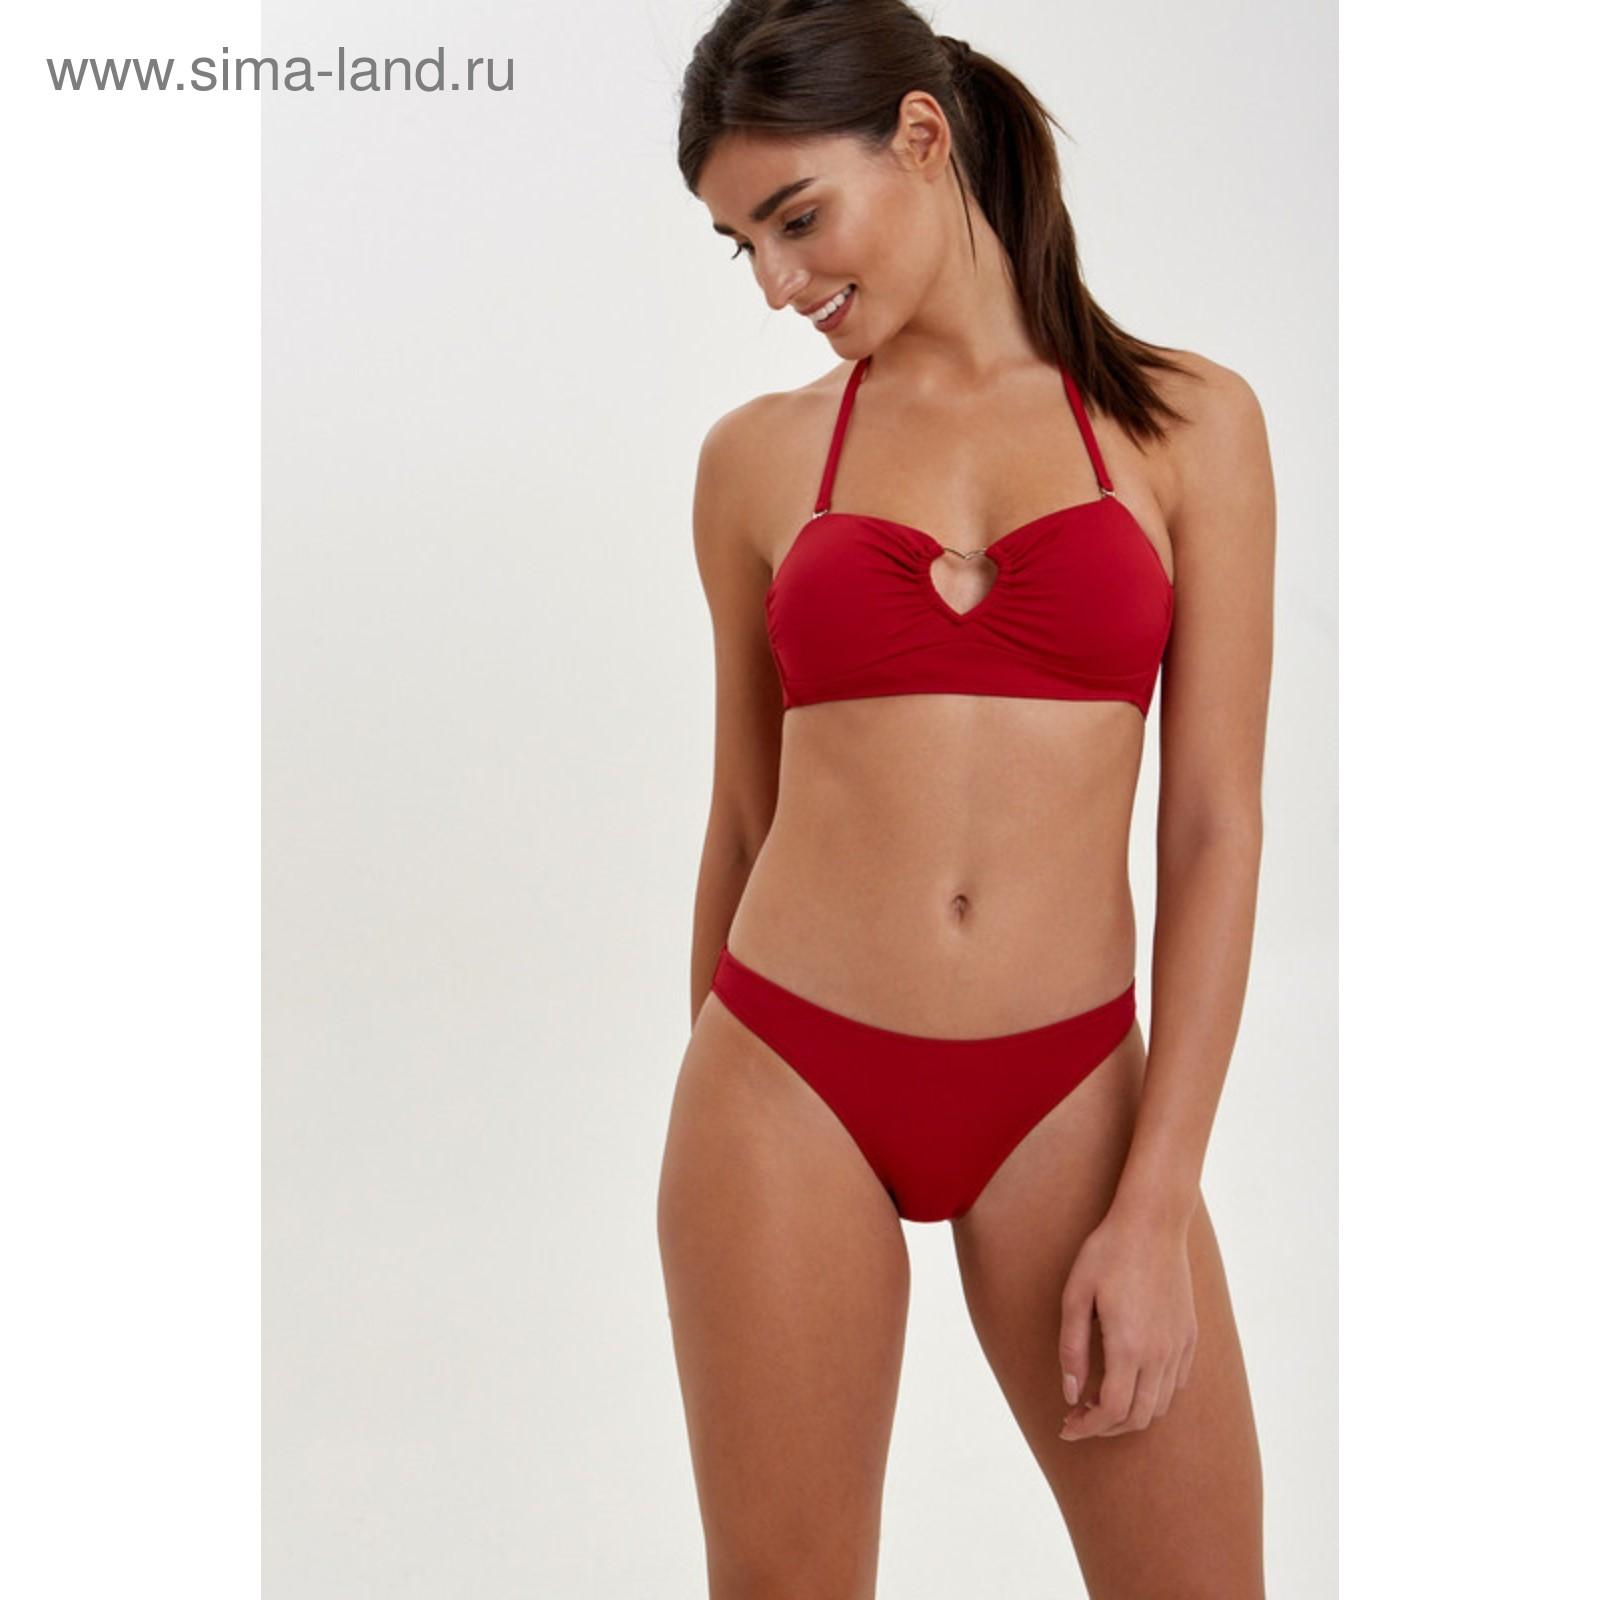 e004cb209b785 Купальник женский раздельный цвет красный, р-р 46 (M) (31204710206 ...